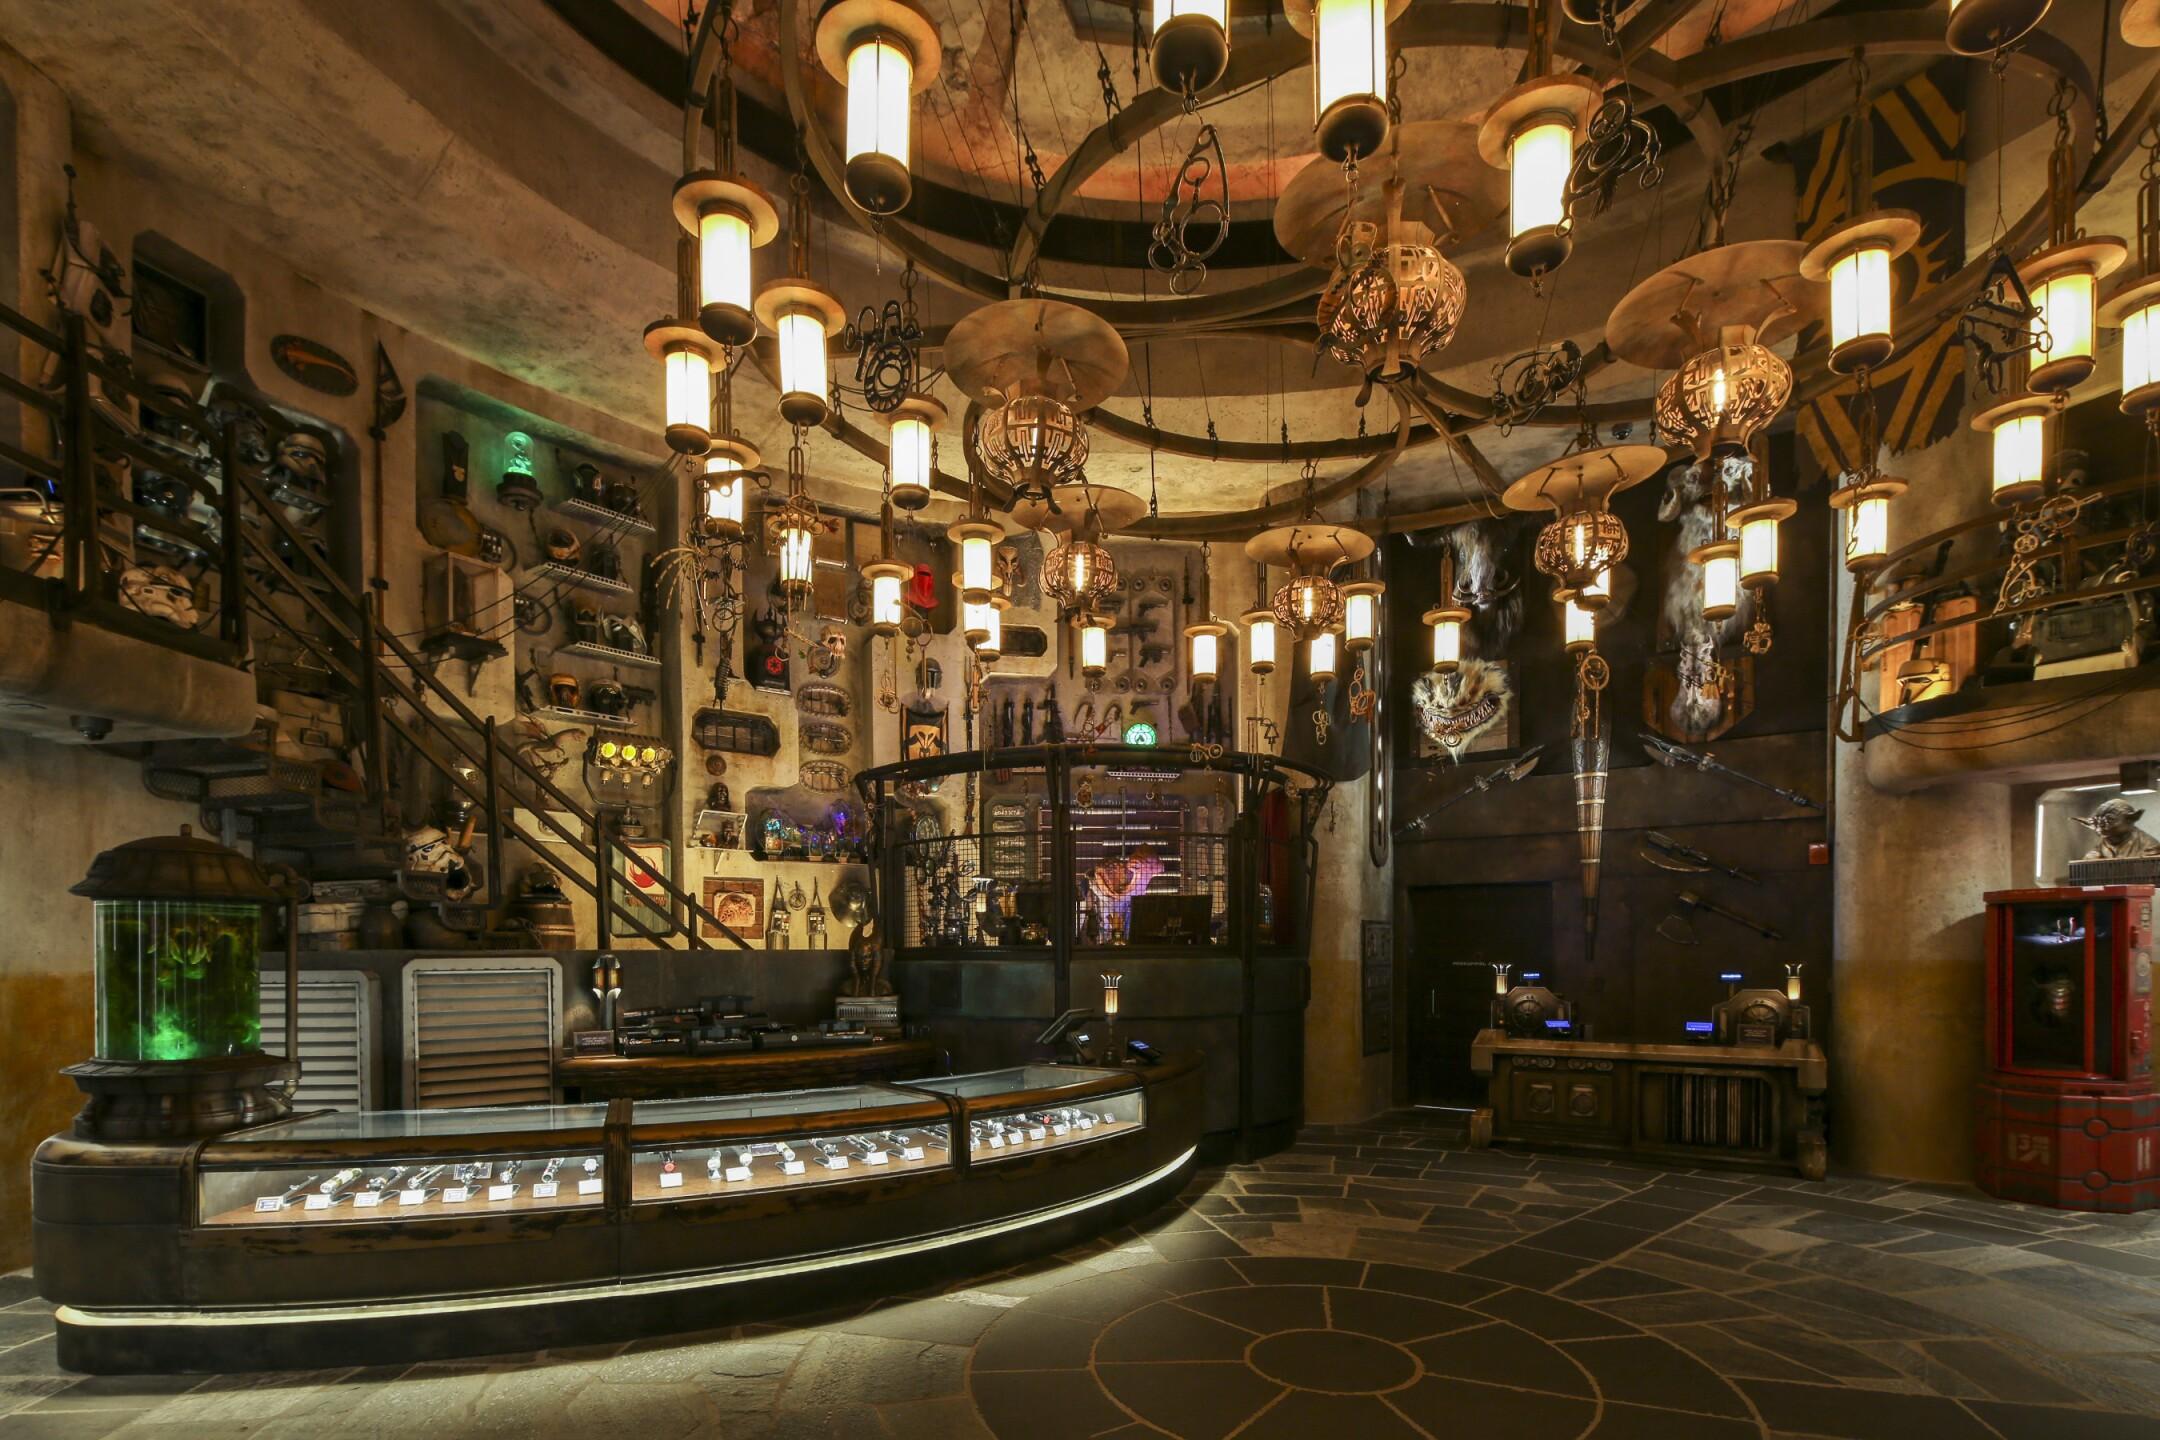 Dok-Ondar's Den of Antiquities in Star Wars: Galaxy's Edge